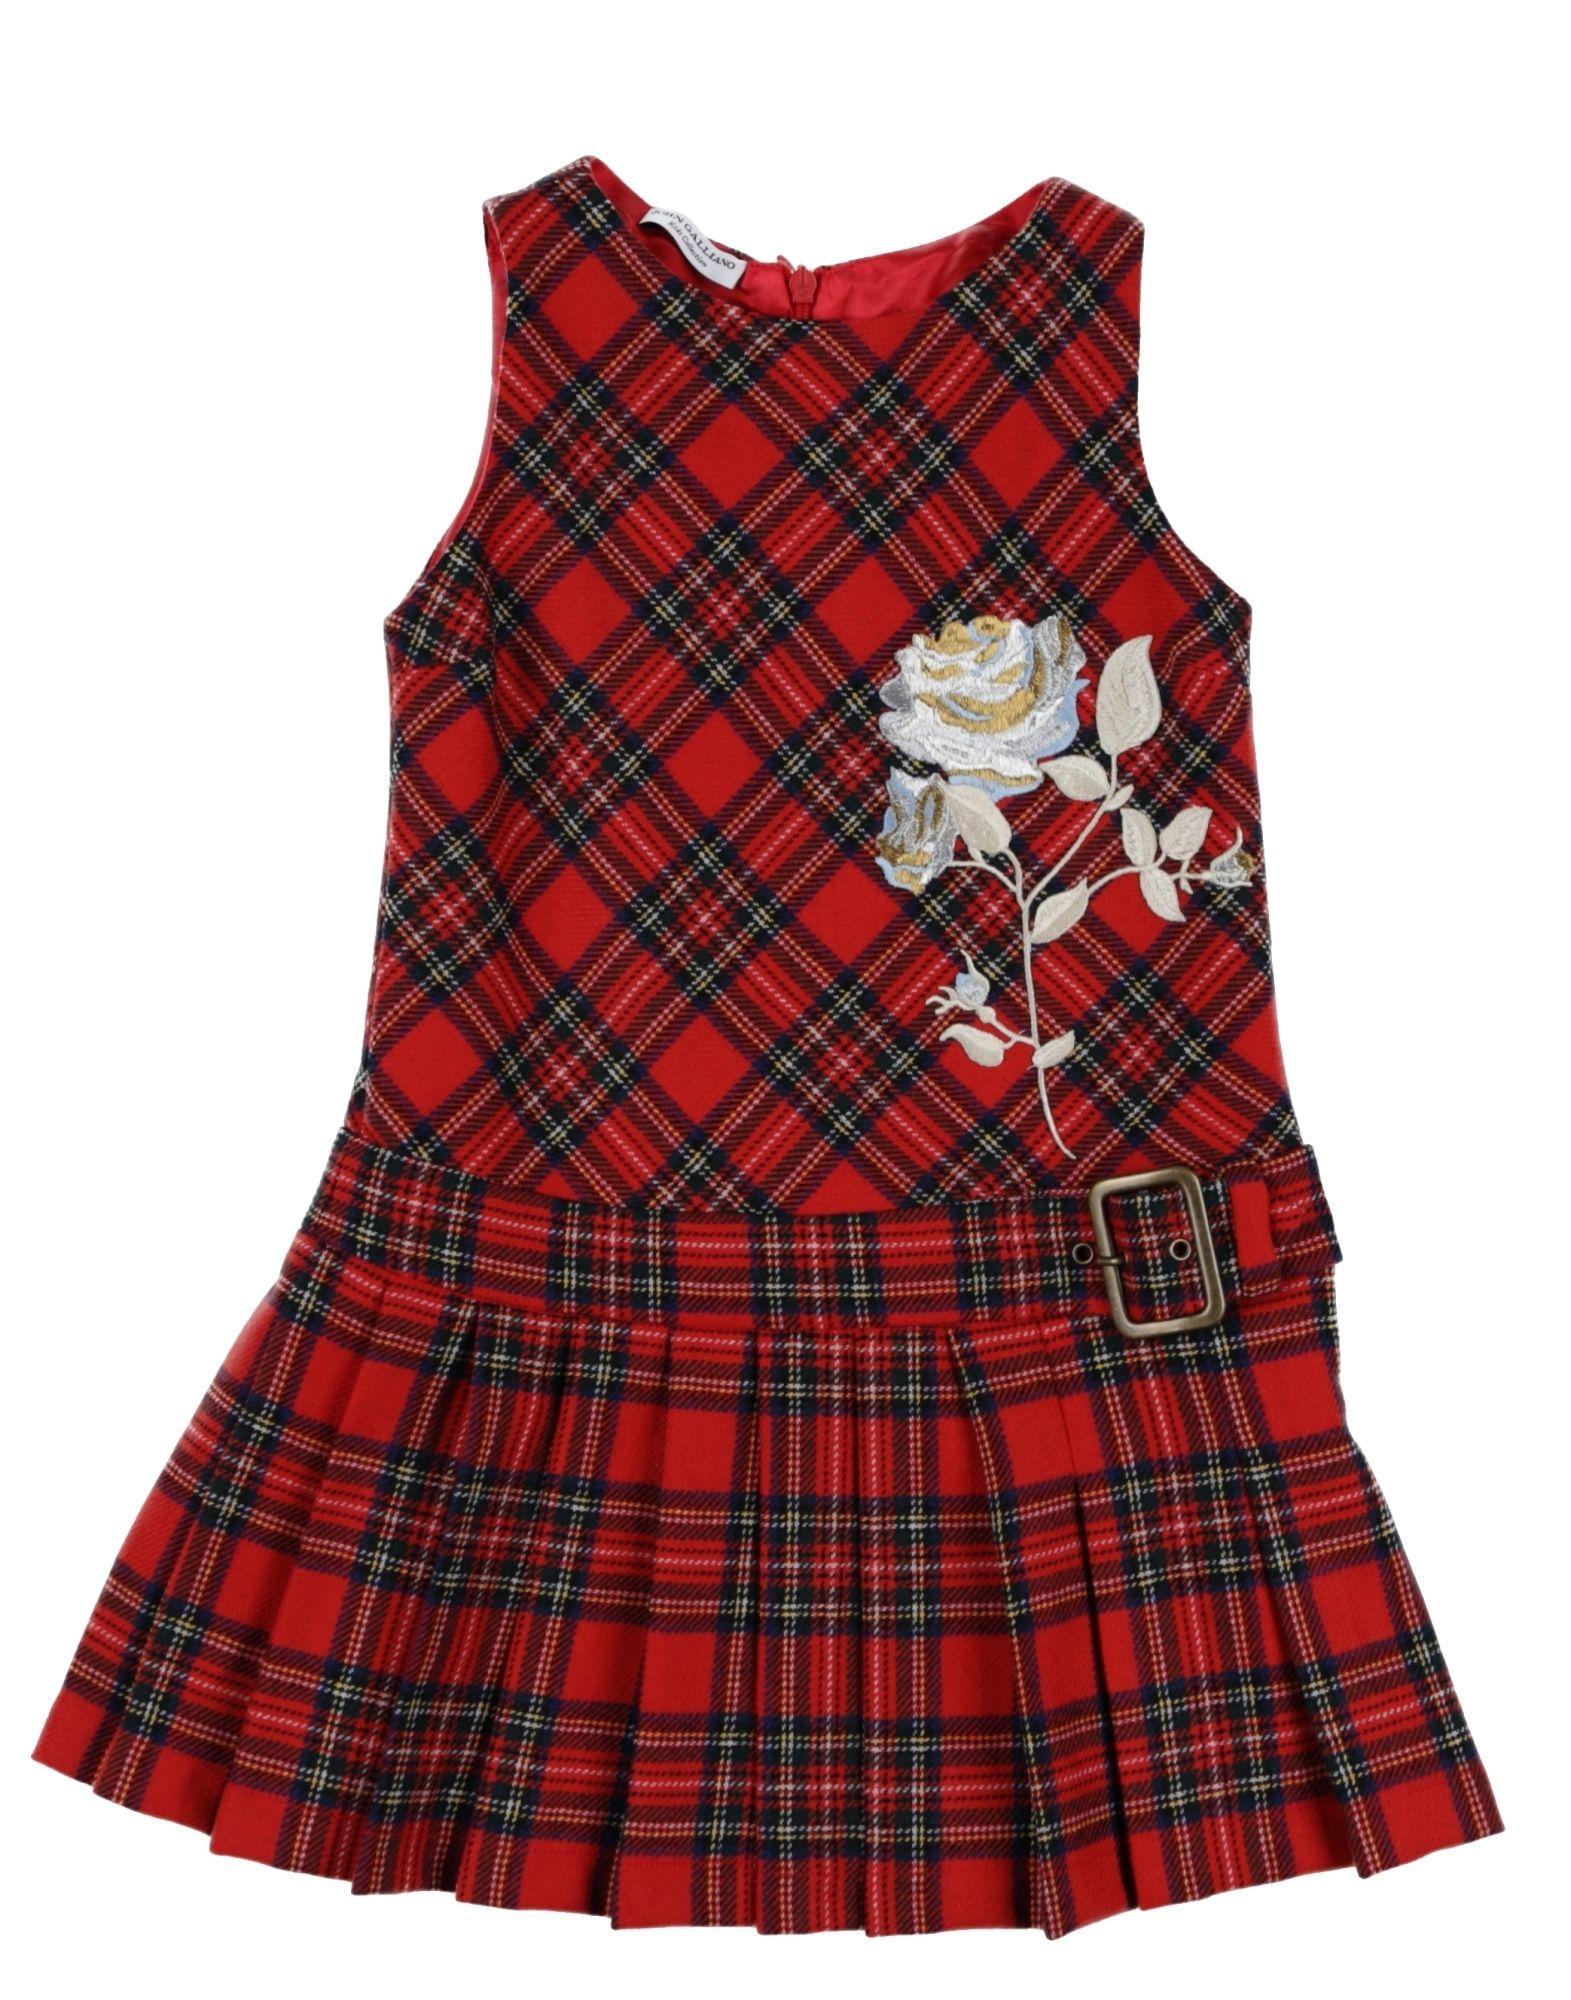 《送料無料》JOHN GALLIANO KIDS ガールズ 3-8 歳 ワンピース&ドレス レッド 4 ポリエステル 55% / ウール 45%